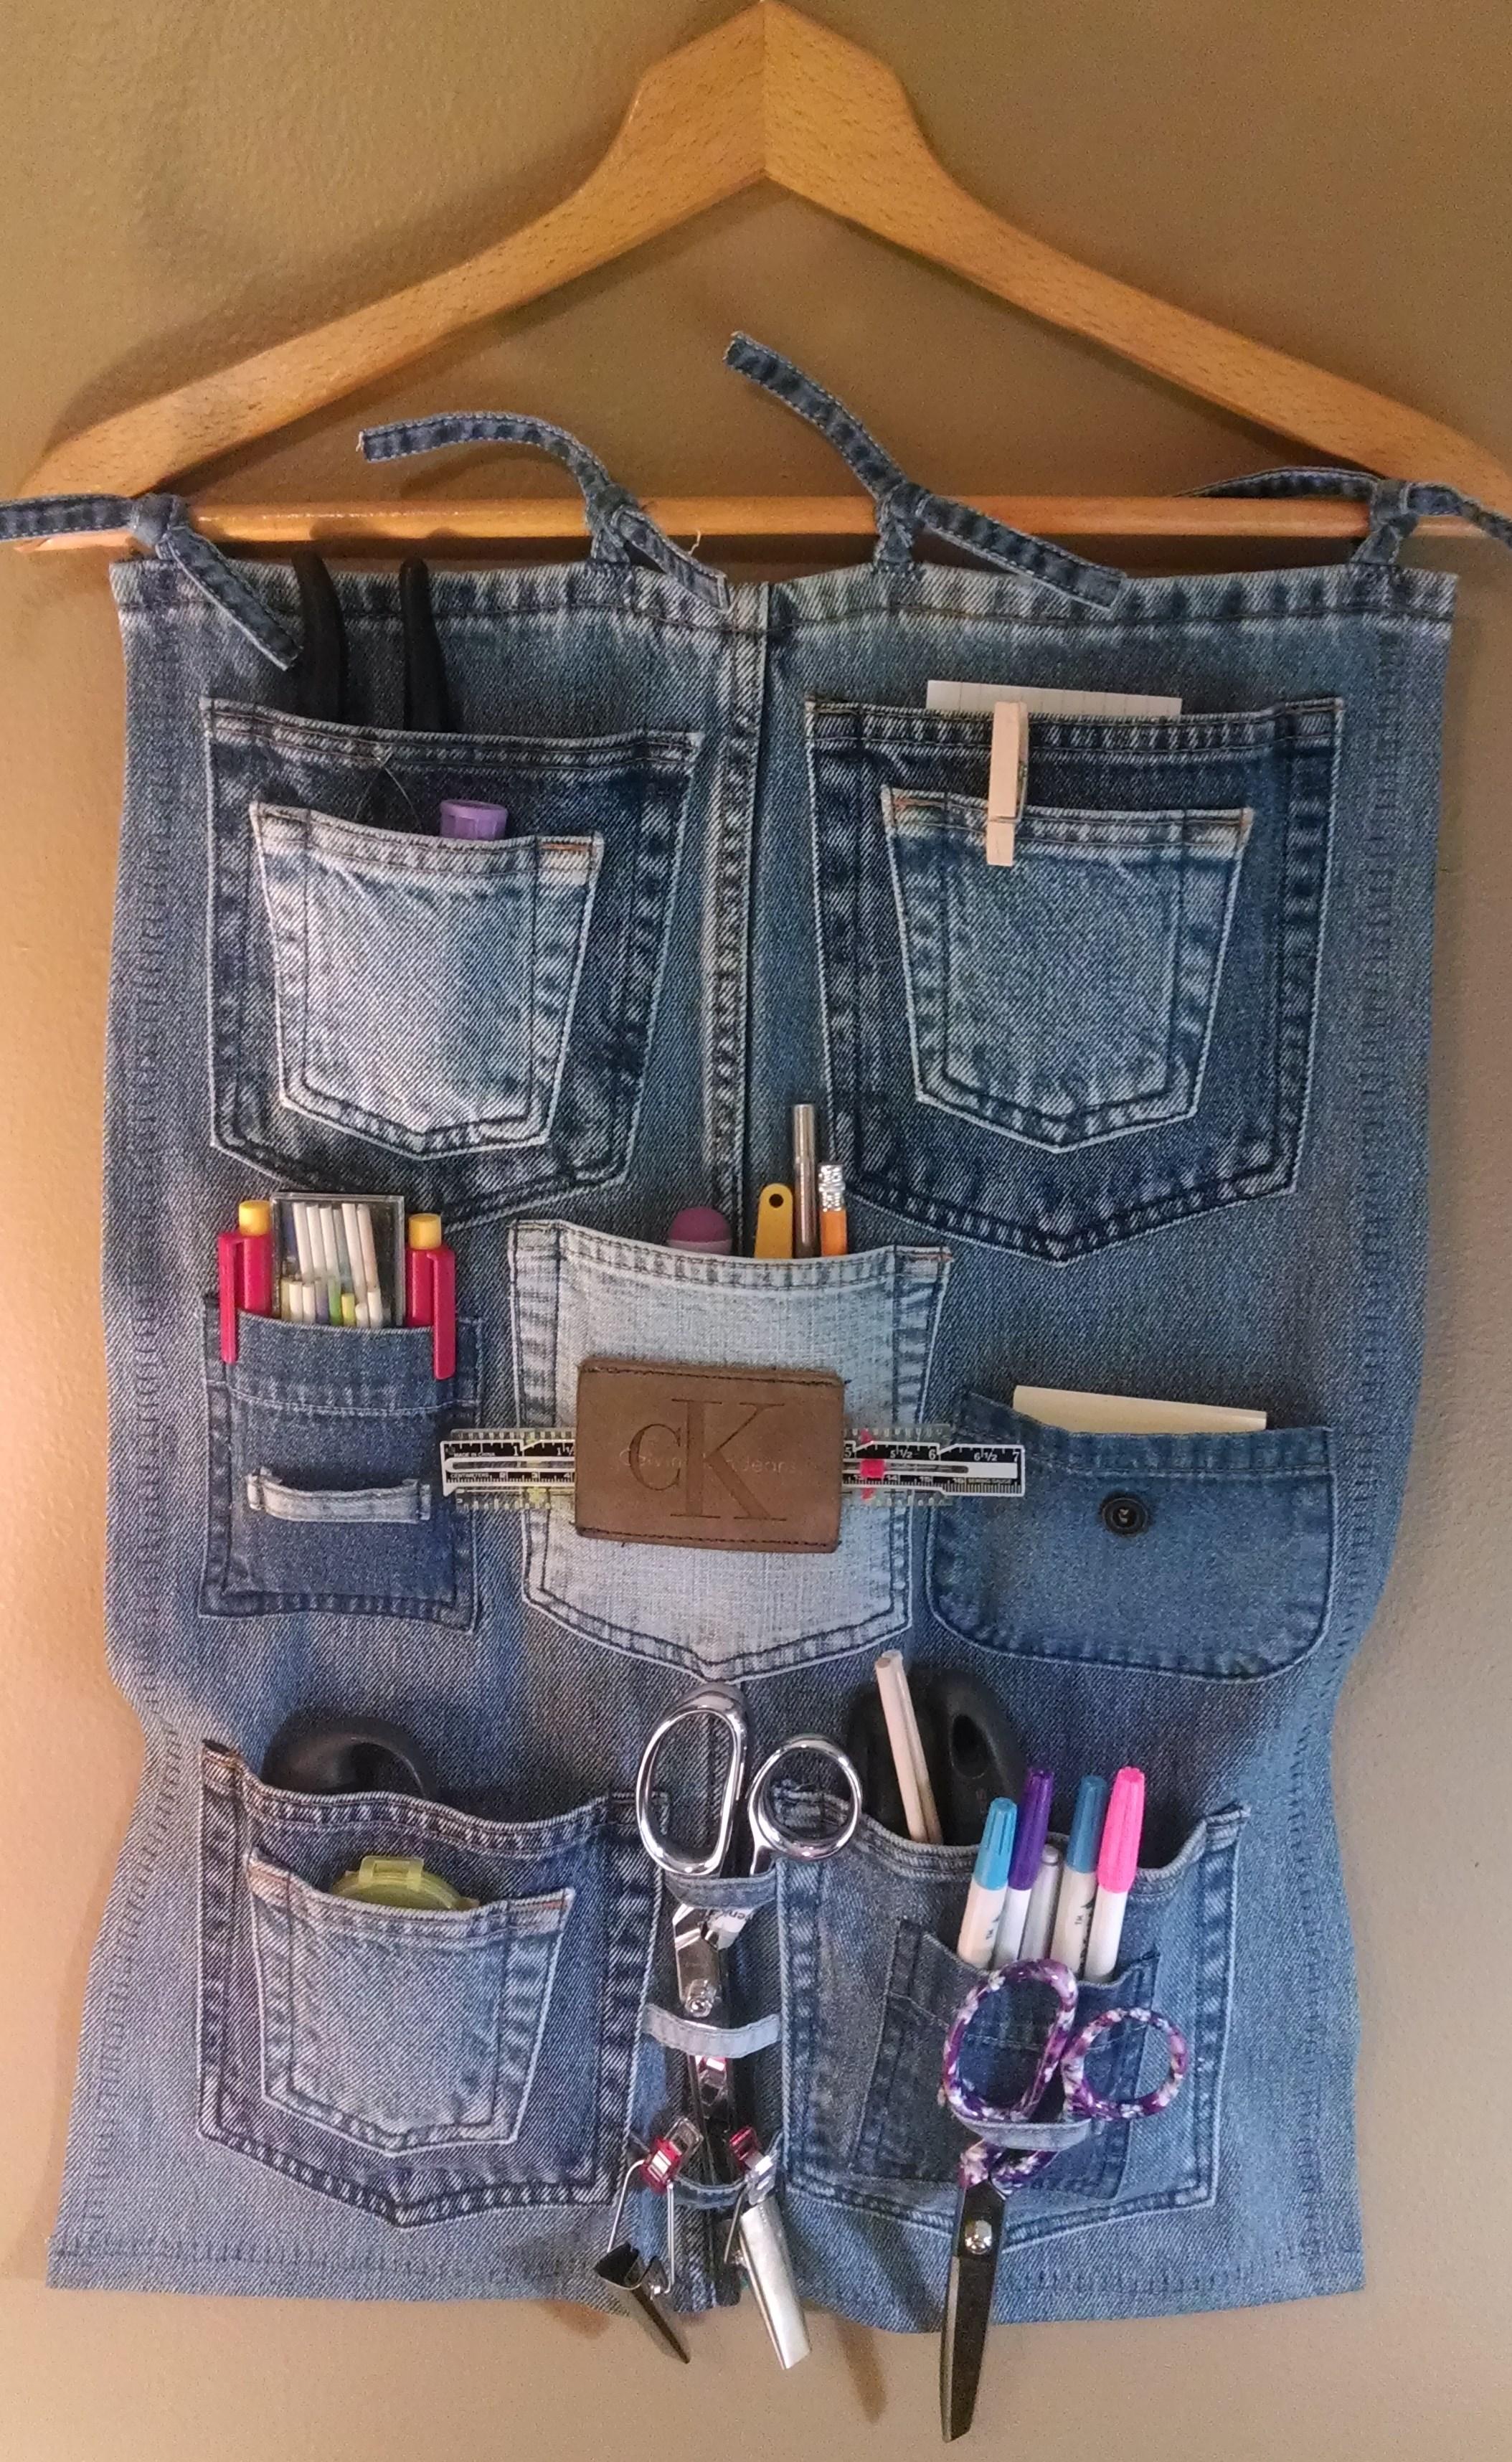 Поделки и новая одежда из старого джинса: 70 оригинальных идей 91